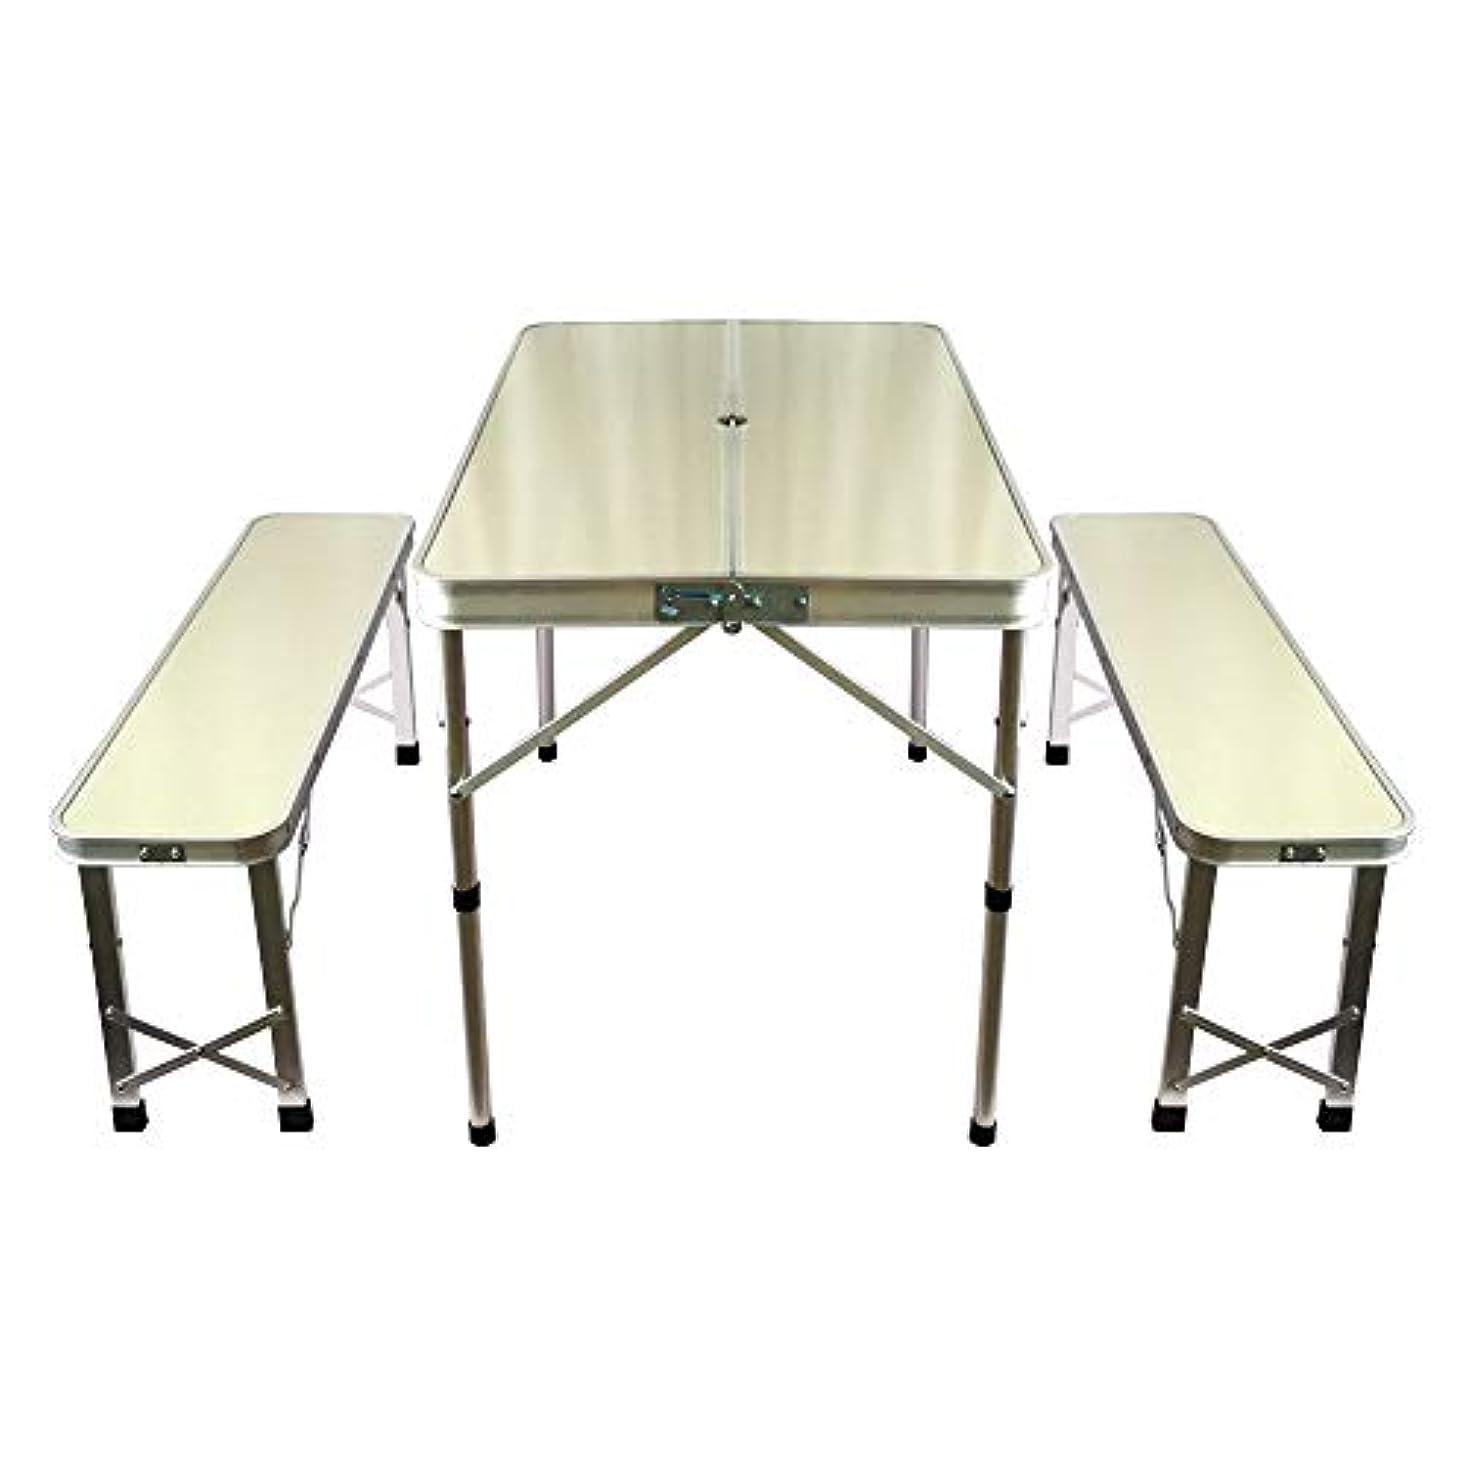 名誉あるピアノを弾く旋律的Hewflitベンチチェア付きアウトドアテーブル 折りたたみレジャーテーブル 高さ2段階 調節可能 ベンチセット キャンプ用品 [並行輸入品]